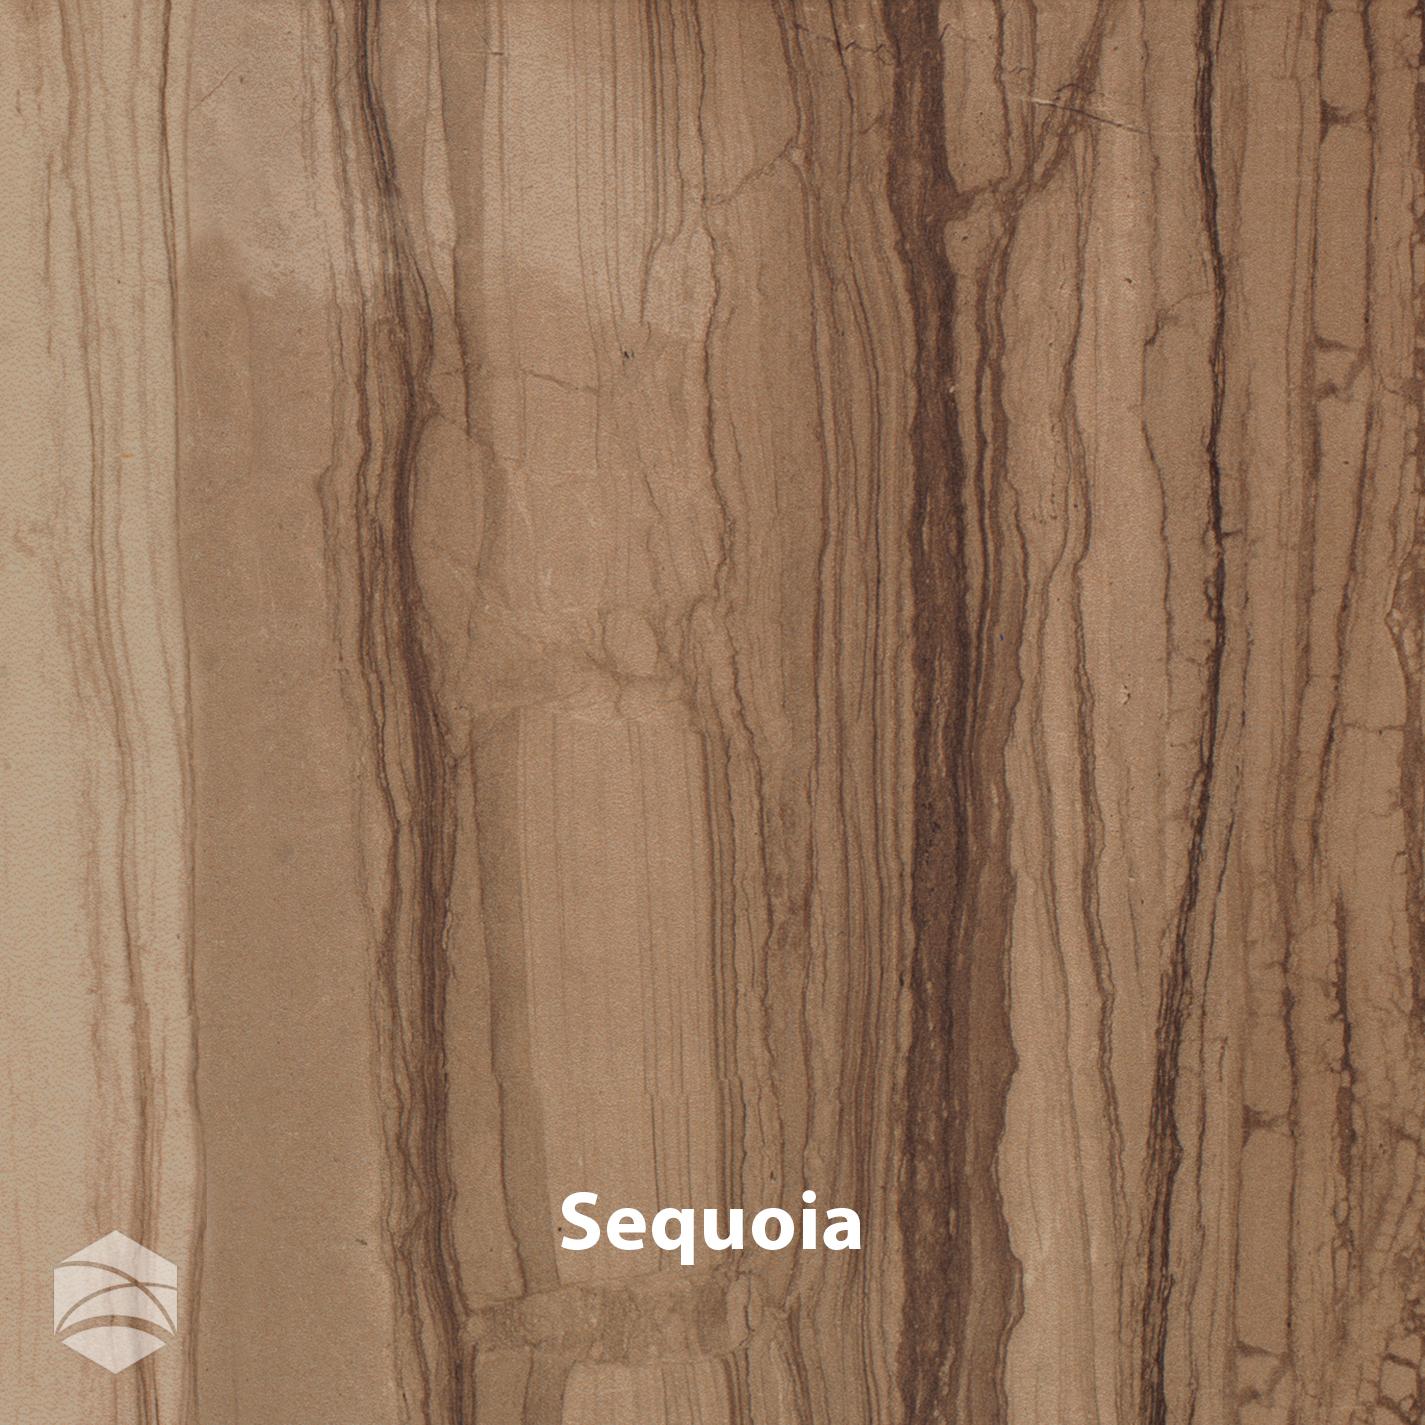 Sequoia_V2_14x14.jpg